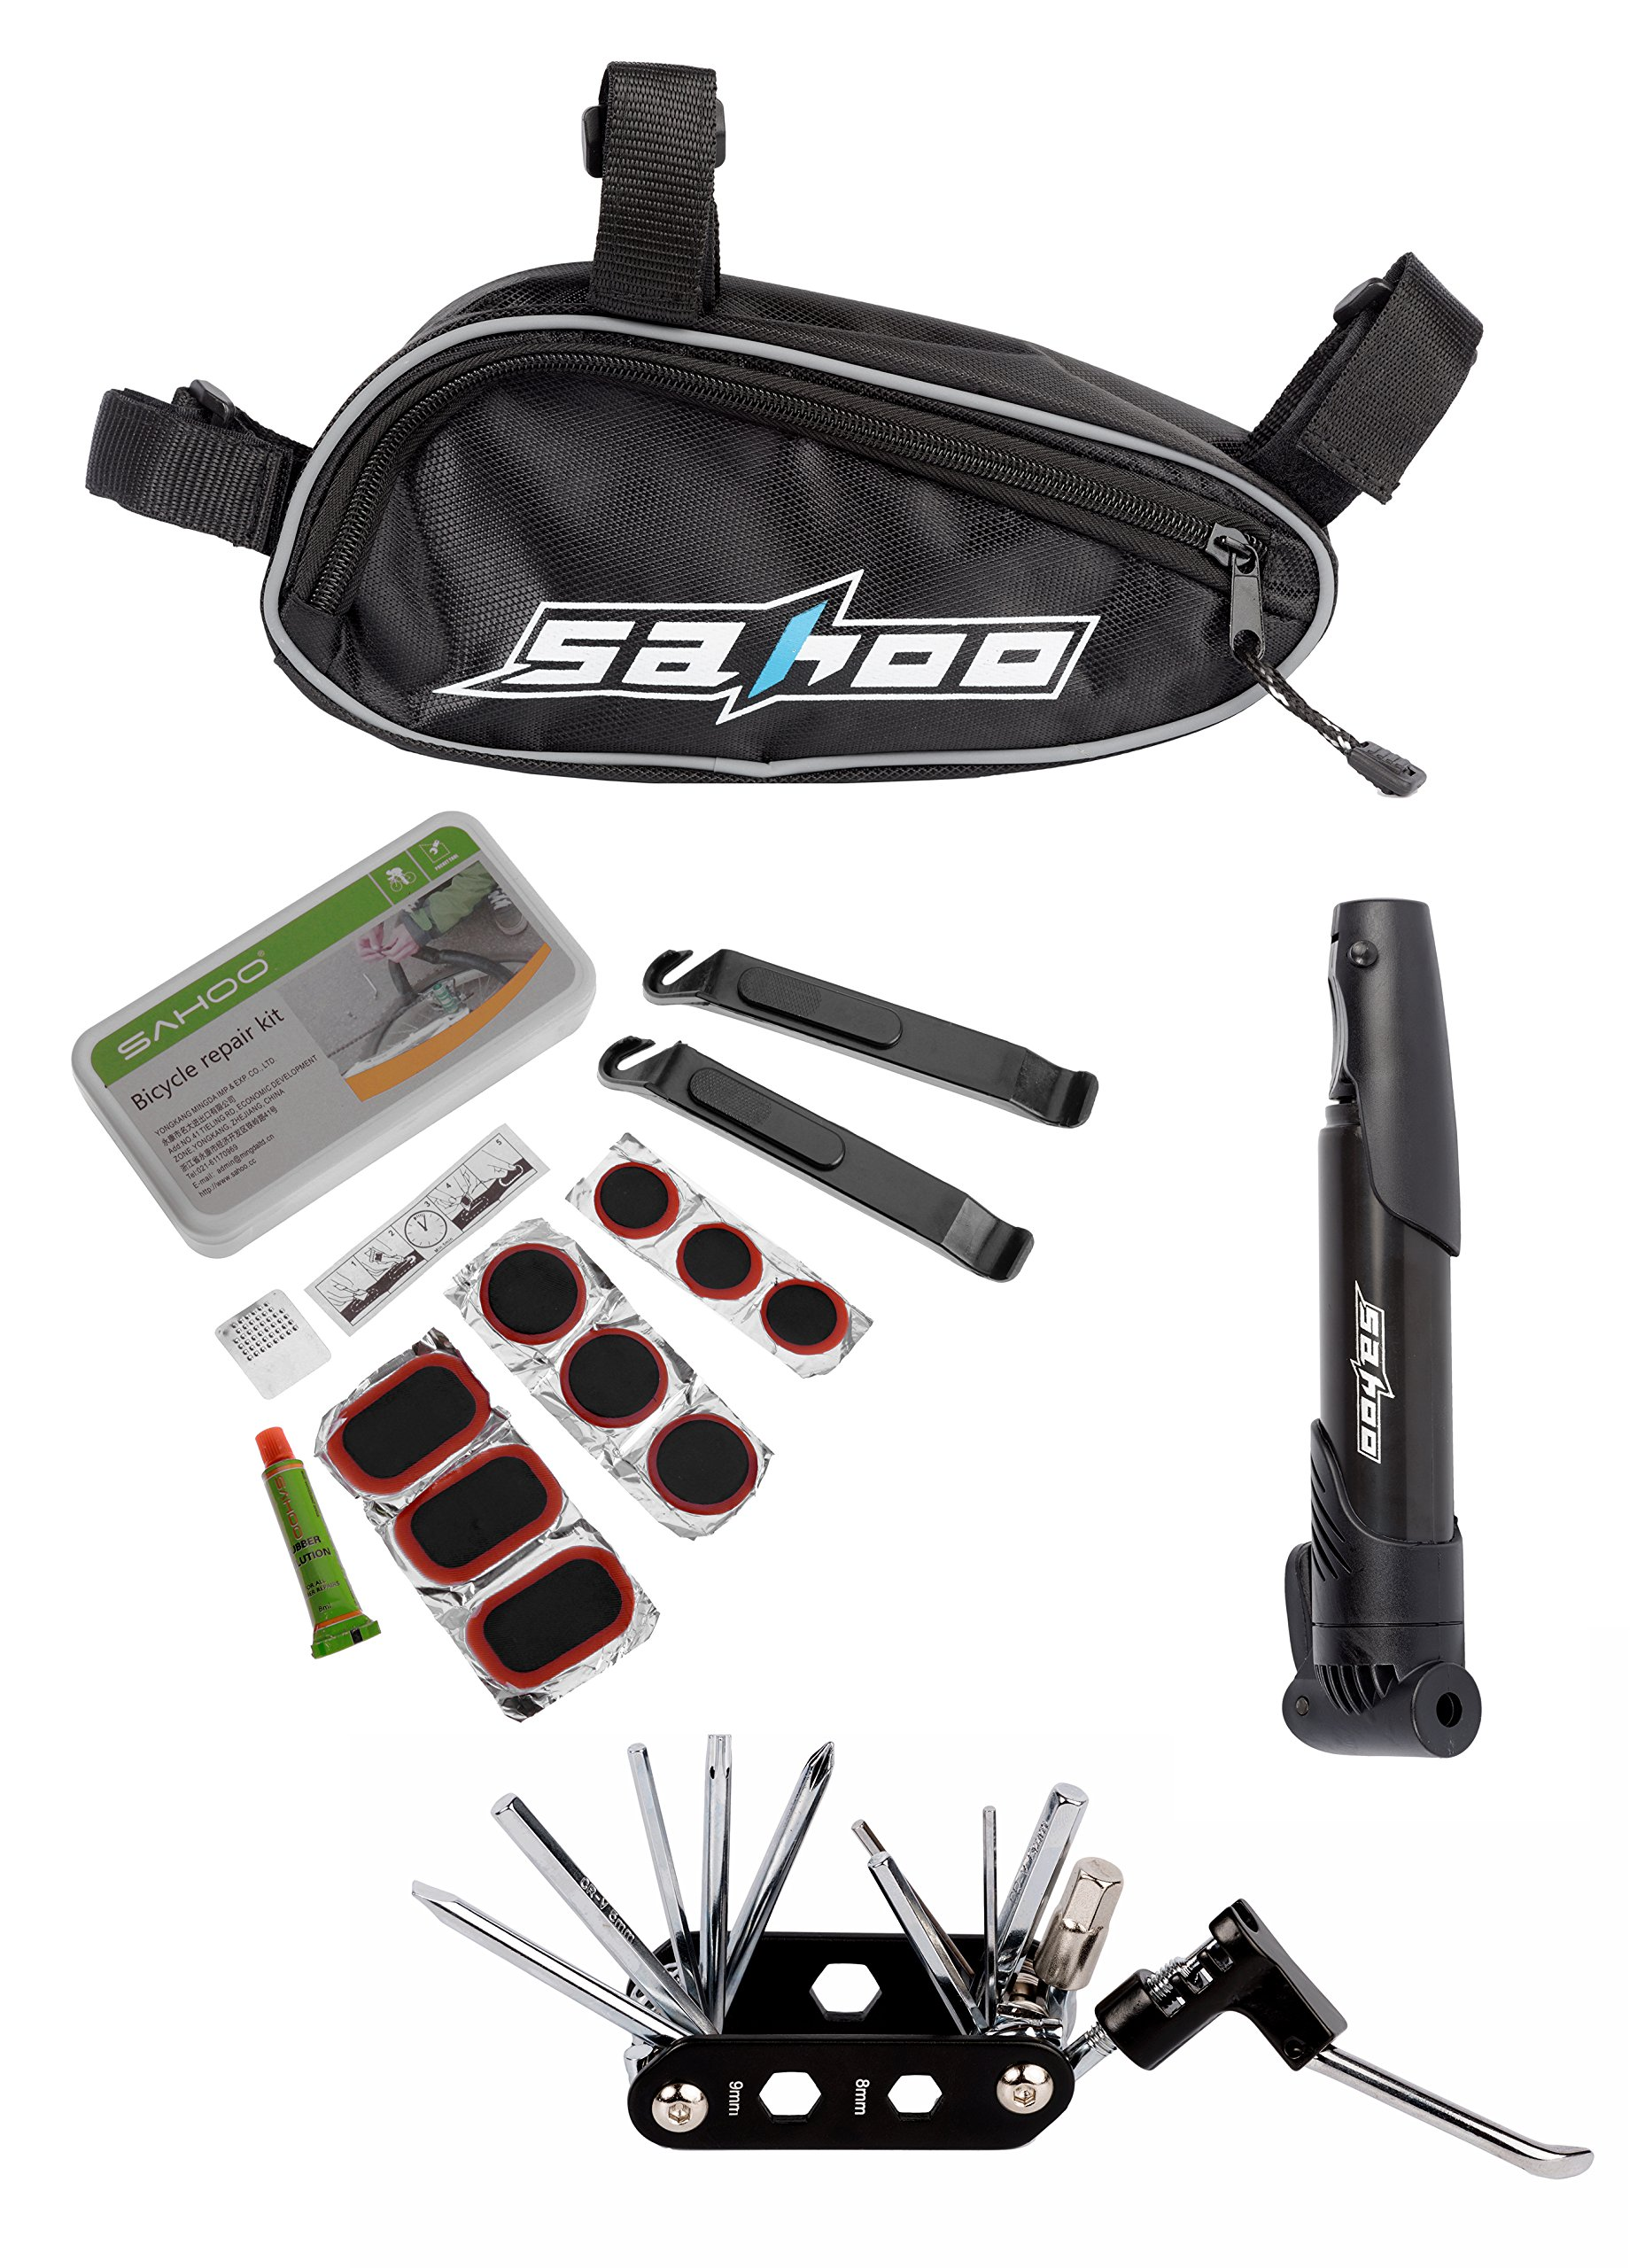 Sahoo 14-in-1 Multifunction Bicycle Repair Tools Kit, Black